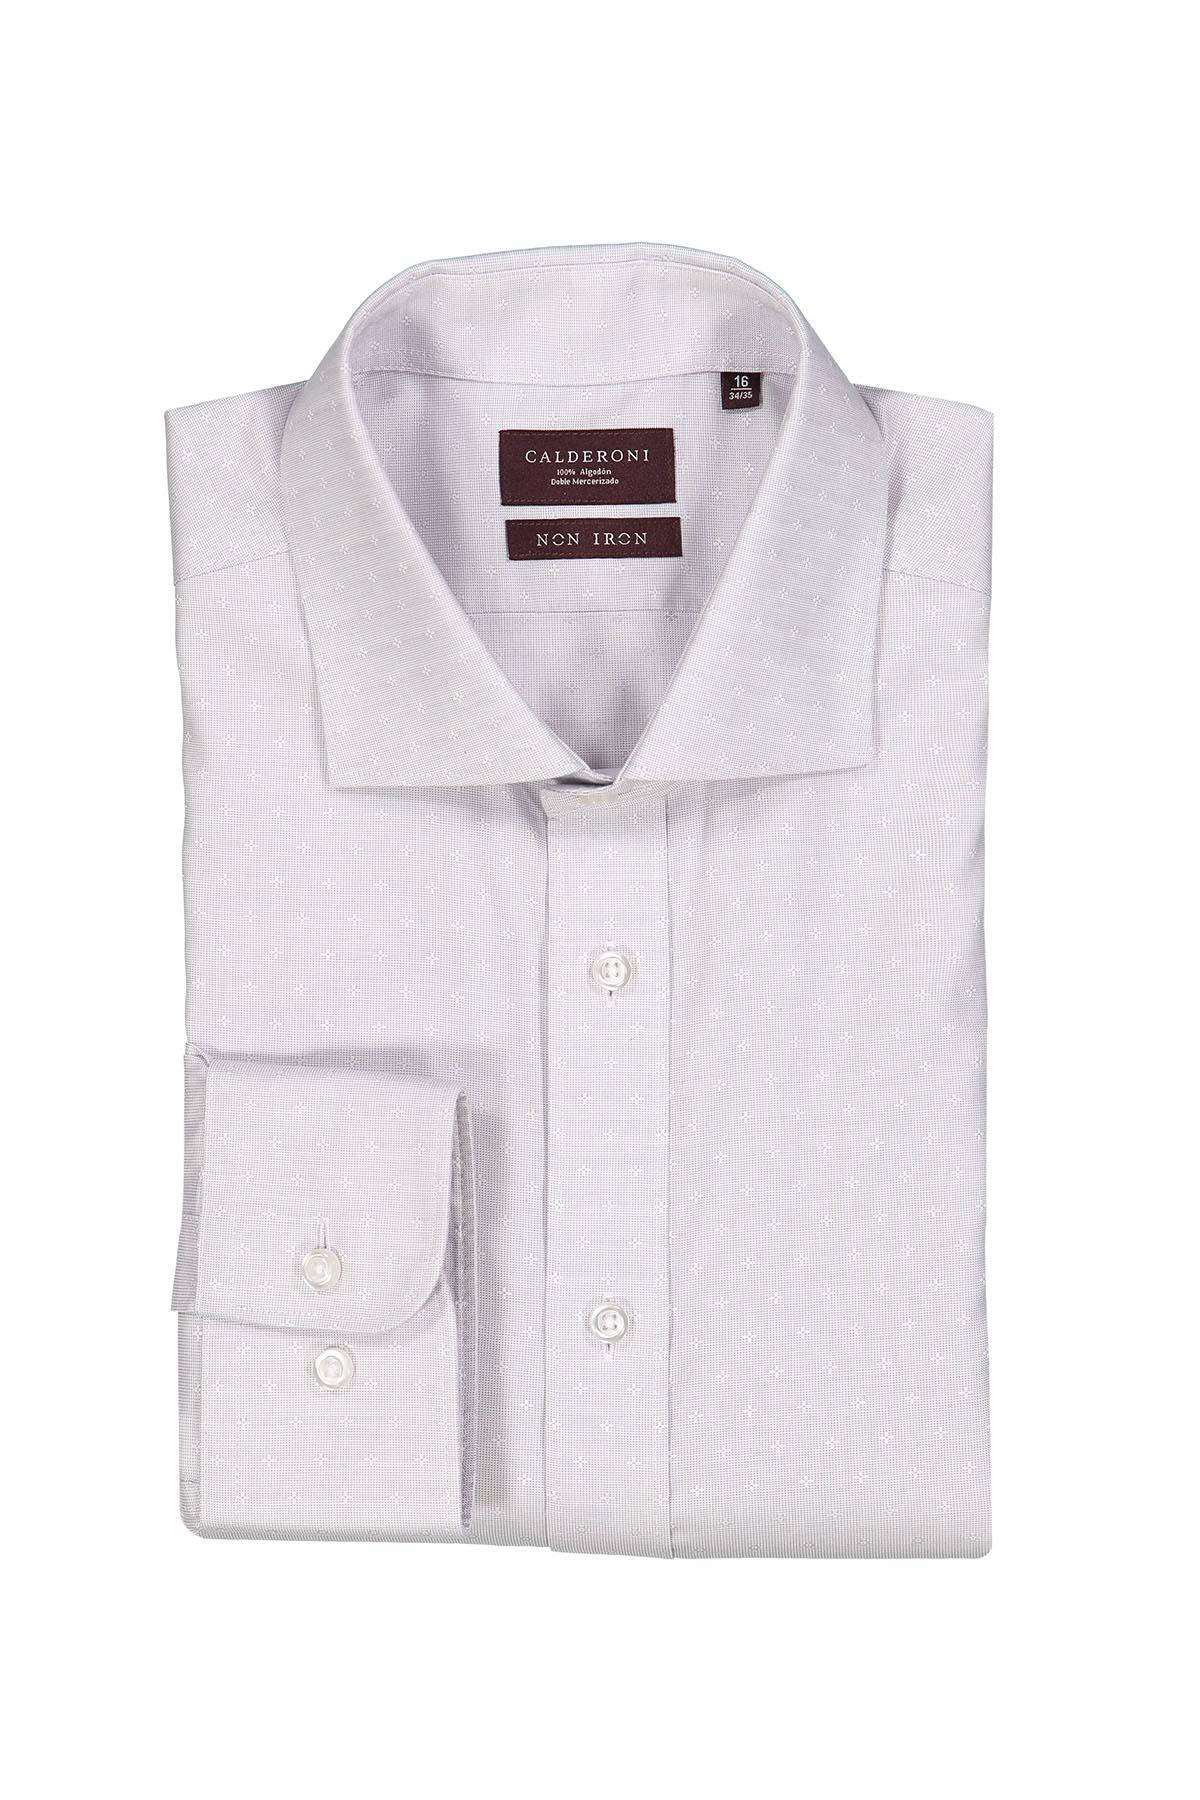 Camisa Calderoni -Non Iron DP4- fil a fil gris con fantasía.